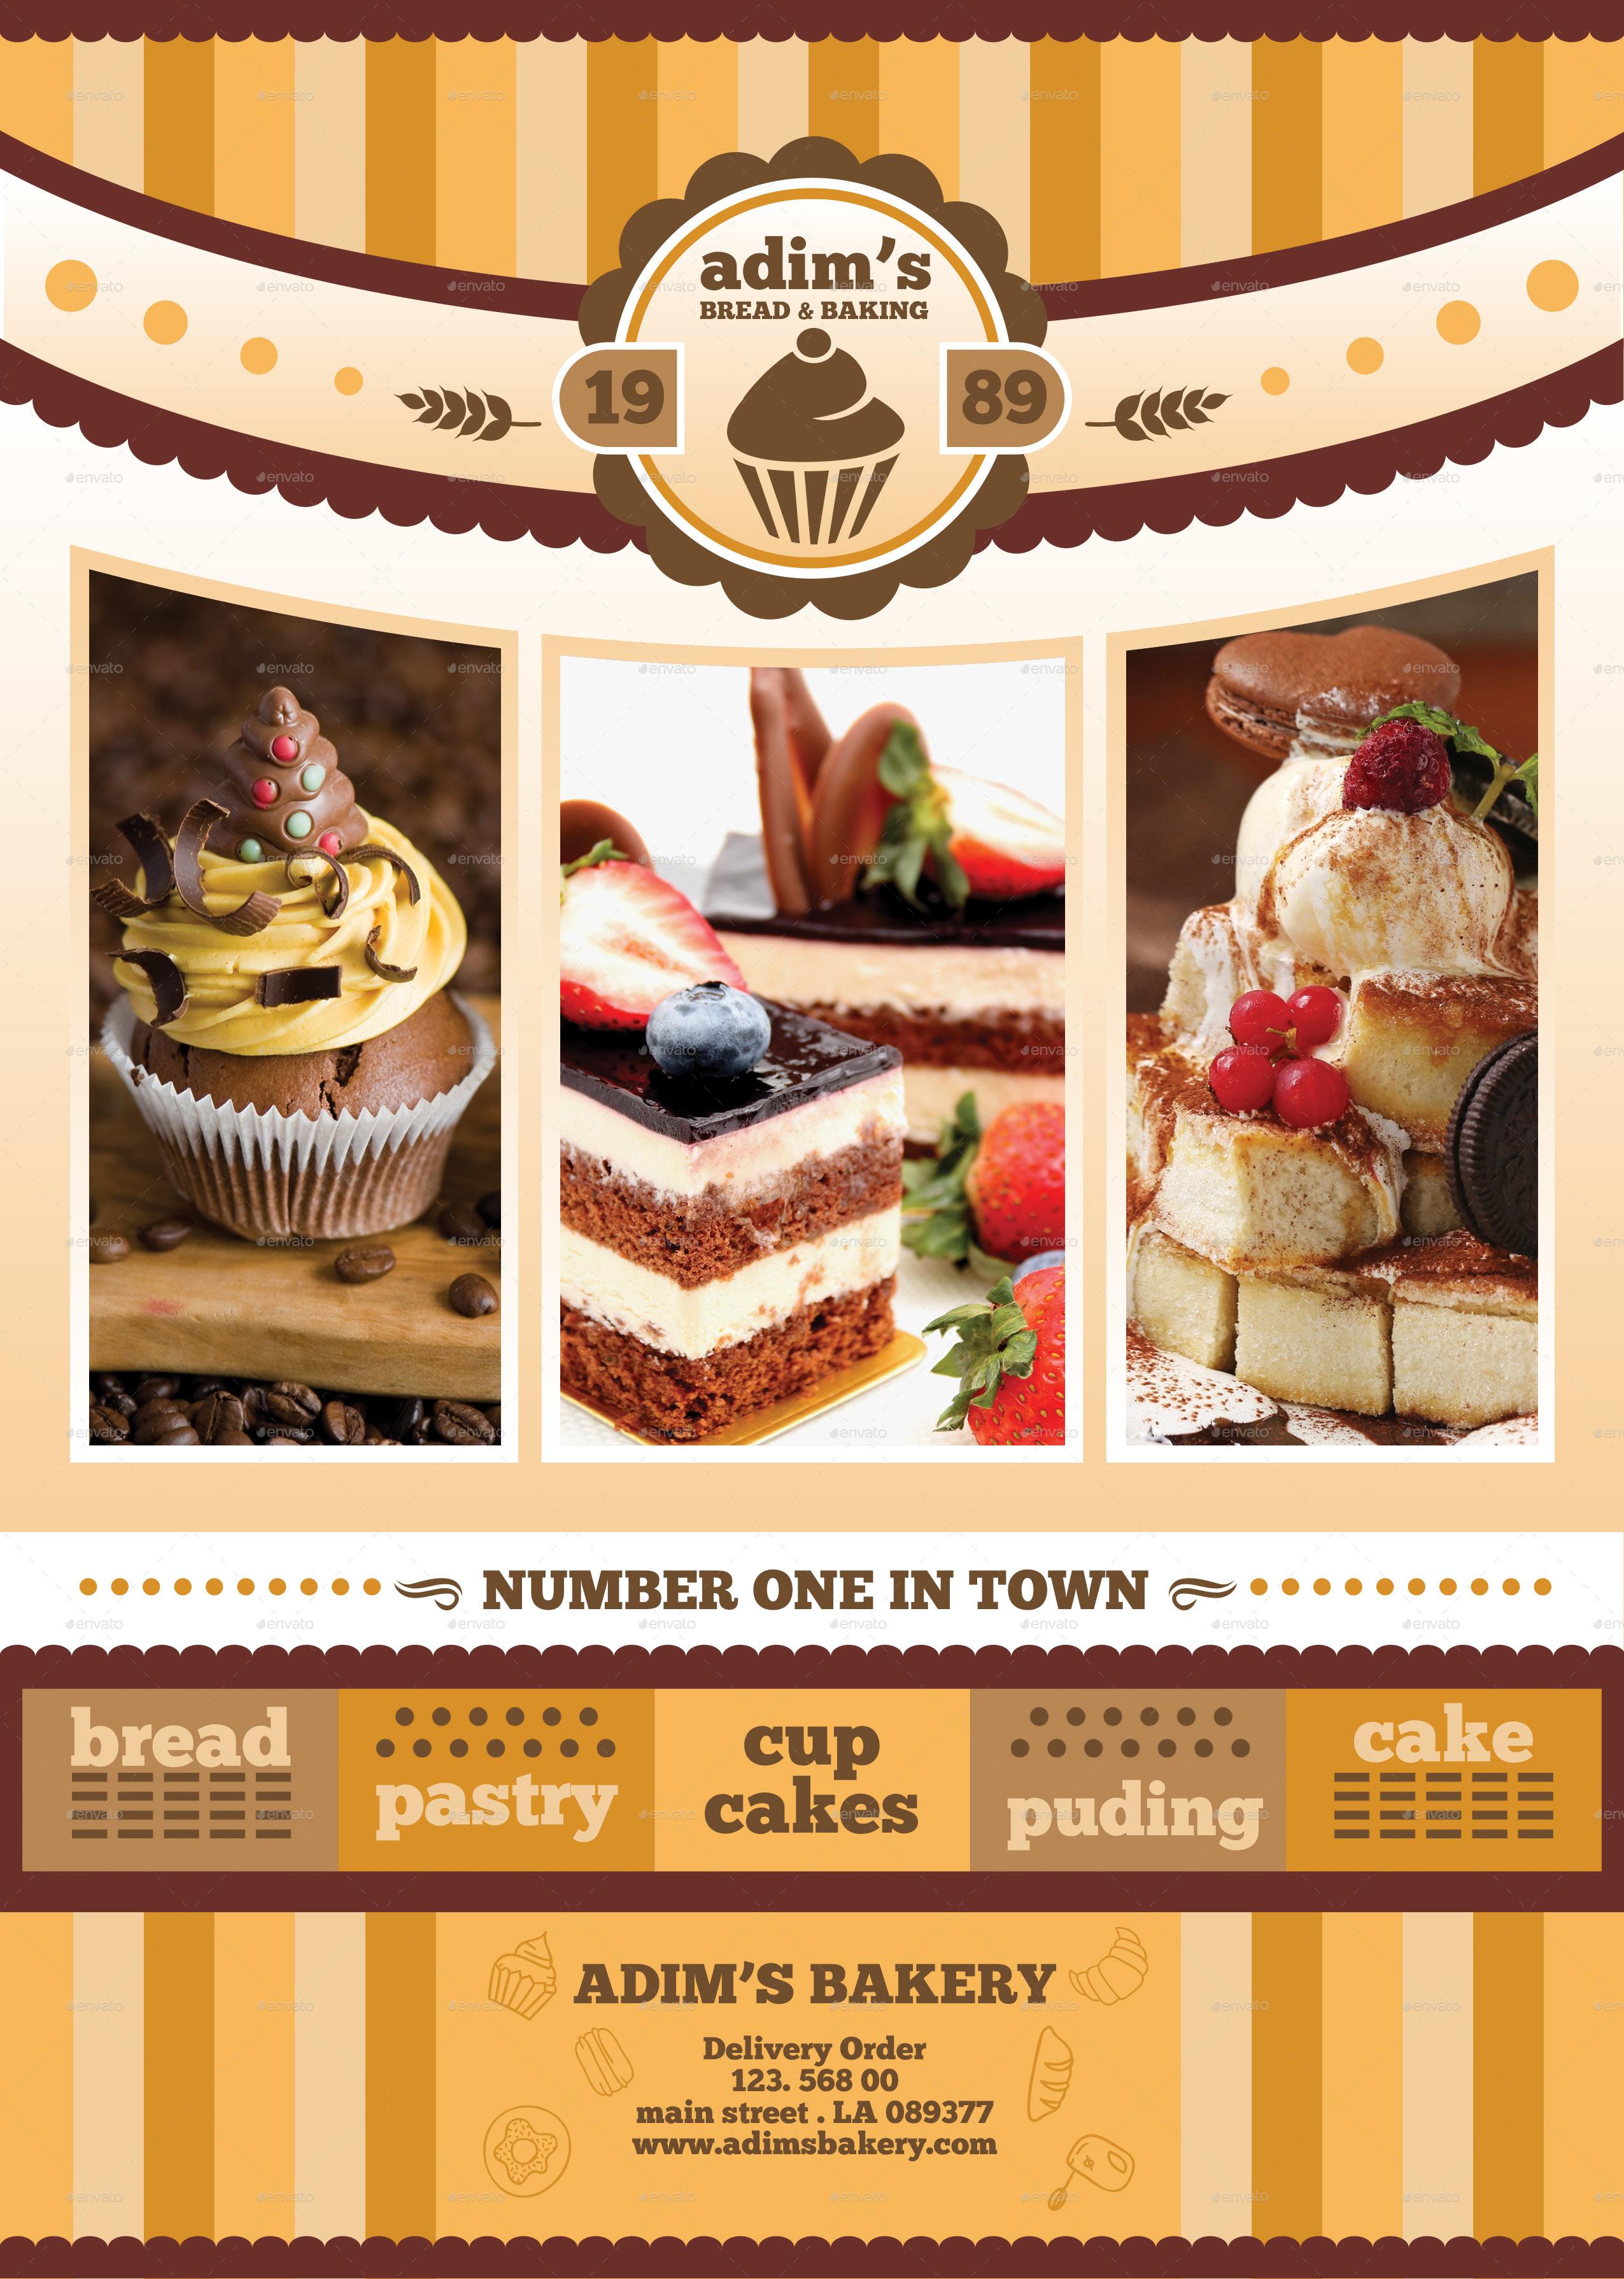 Bakery Menu Flyer Template by adimasen – Menu Flyer Template